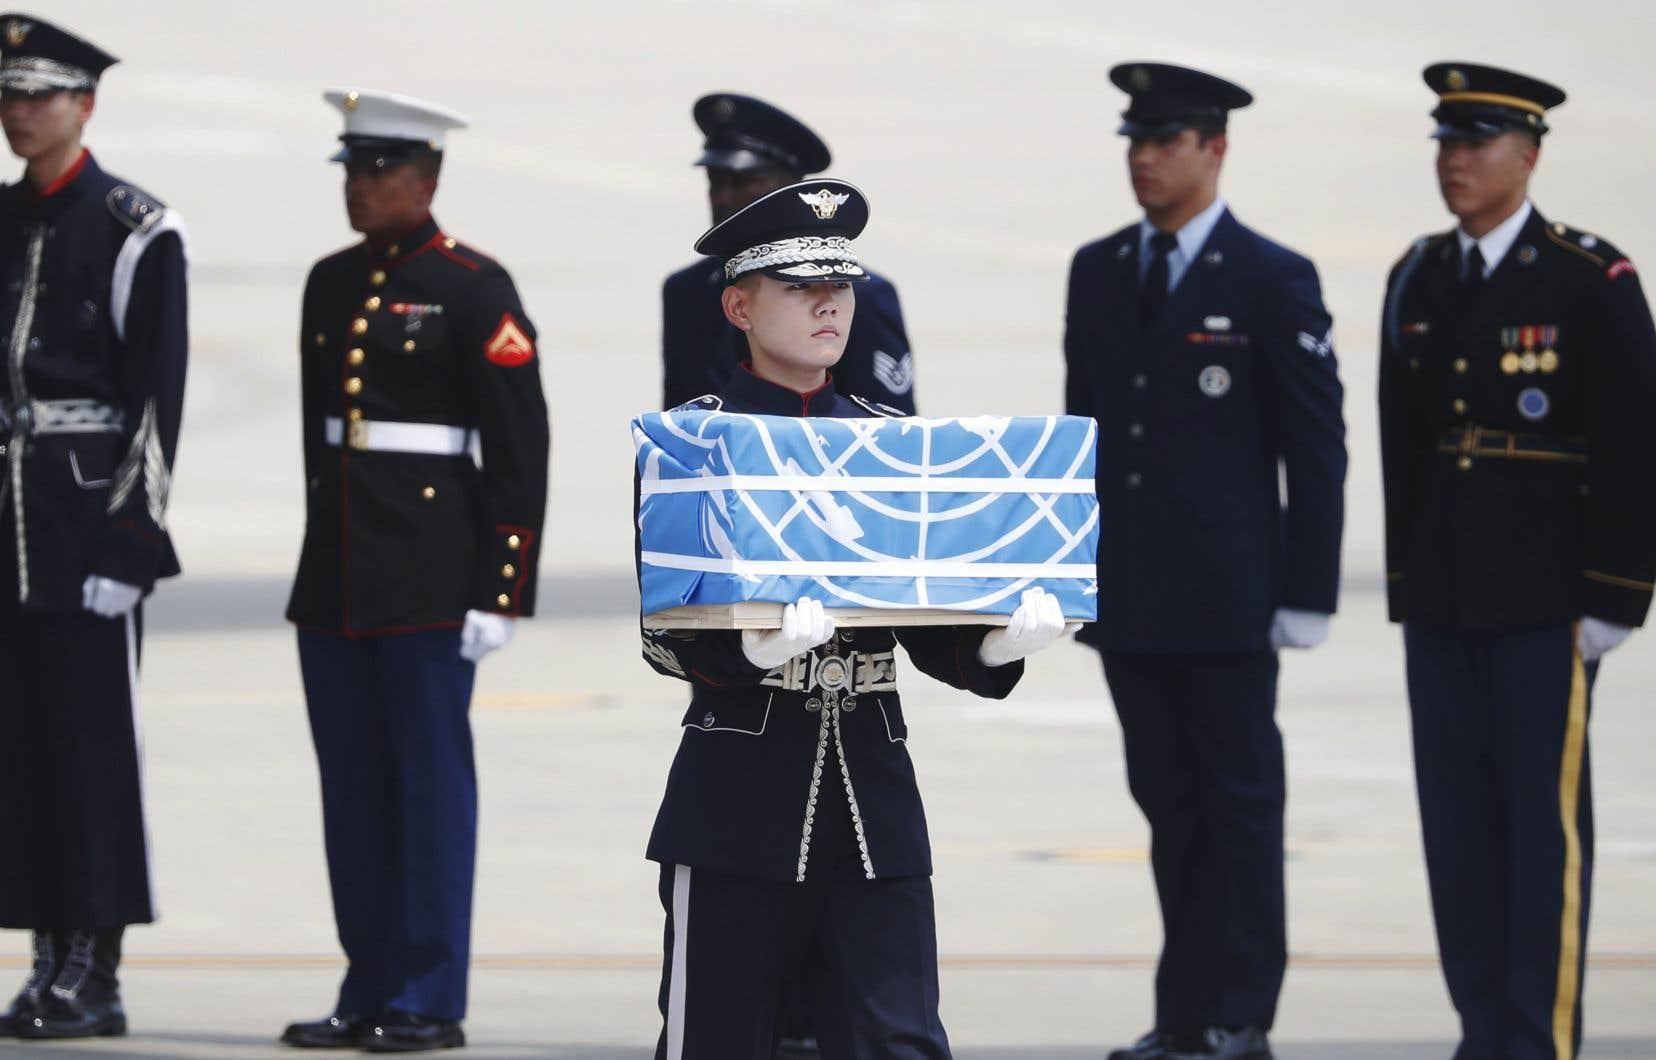 La dépouille d'un soldat américain est transportéeà la base aérienne d'Osan, en Corée du Sud.